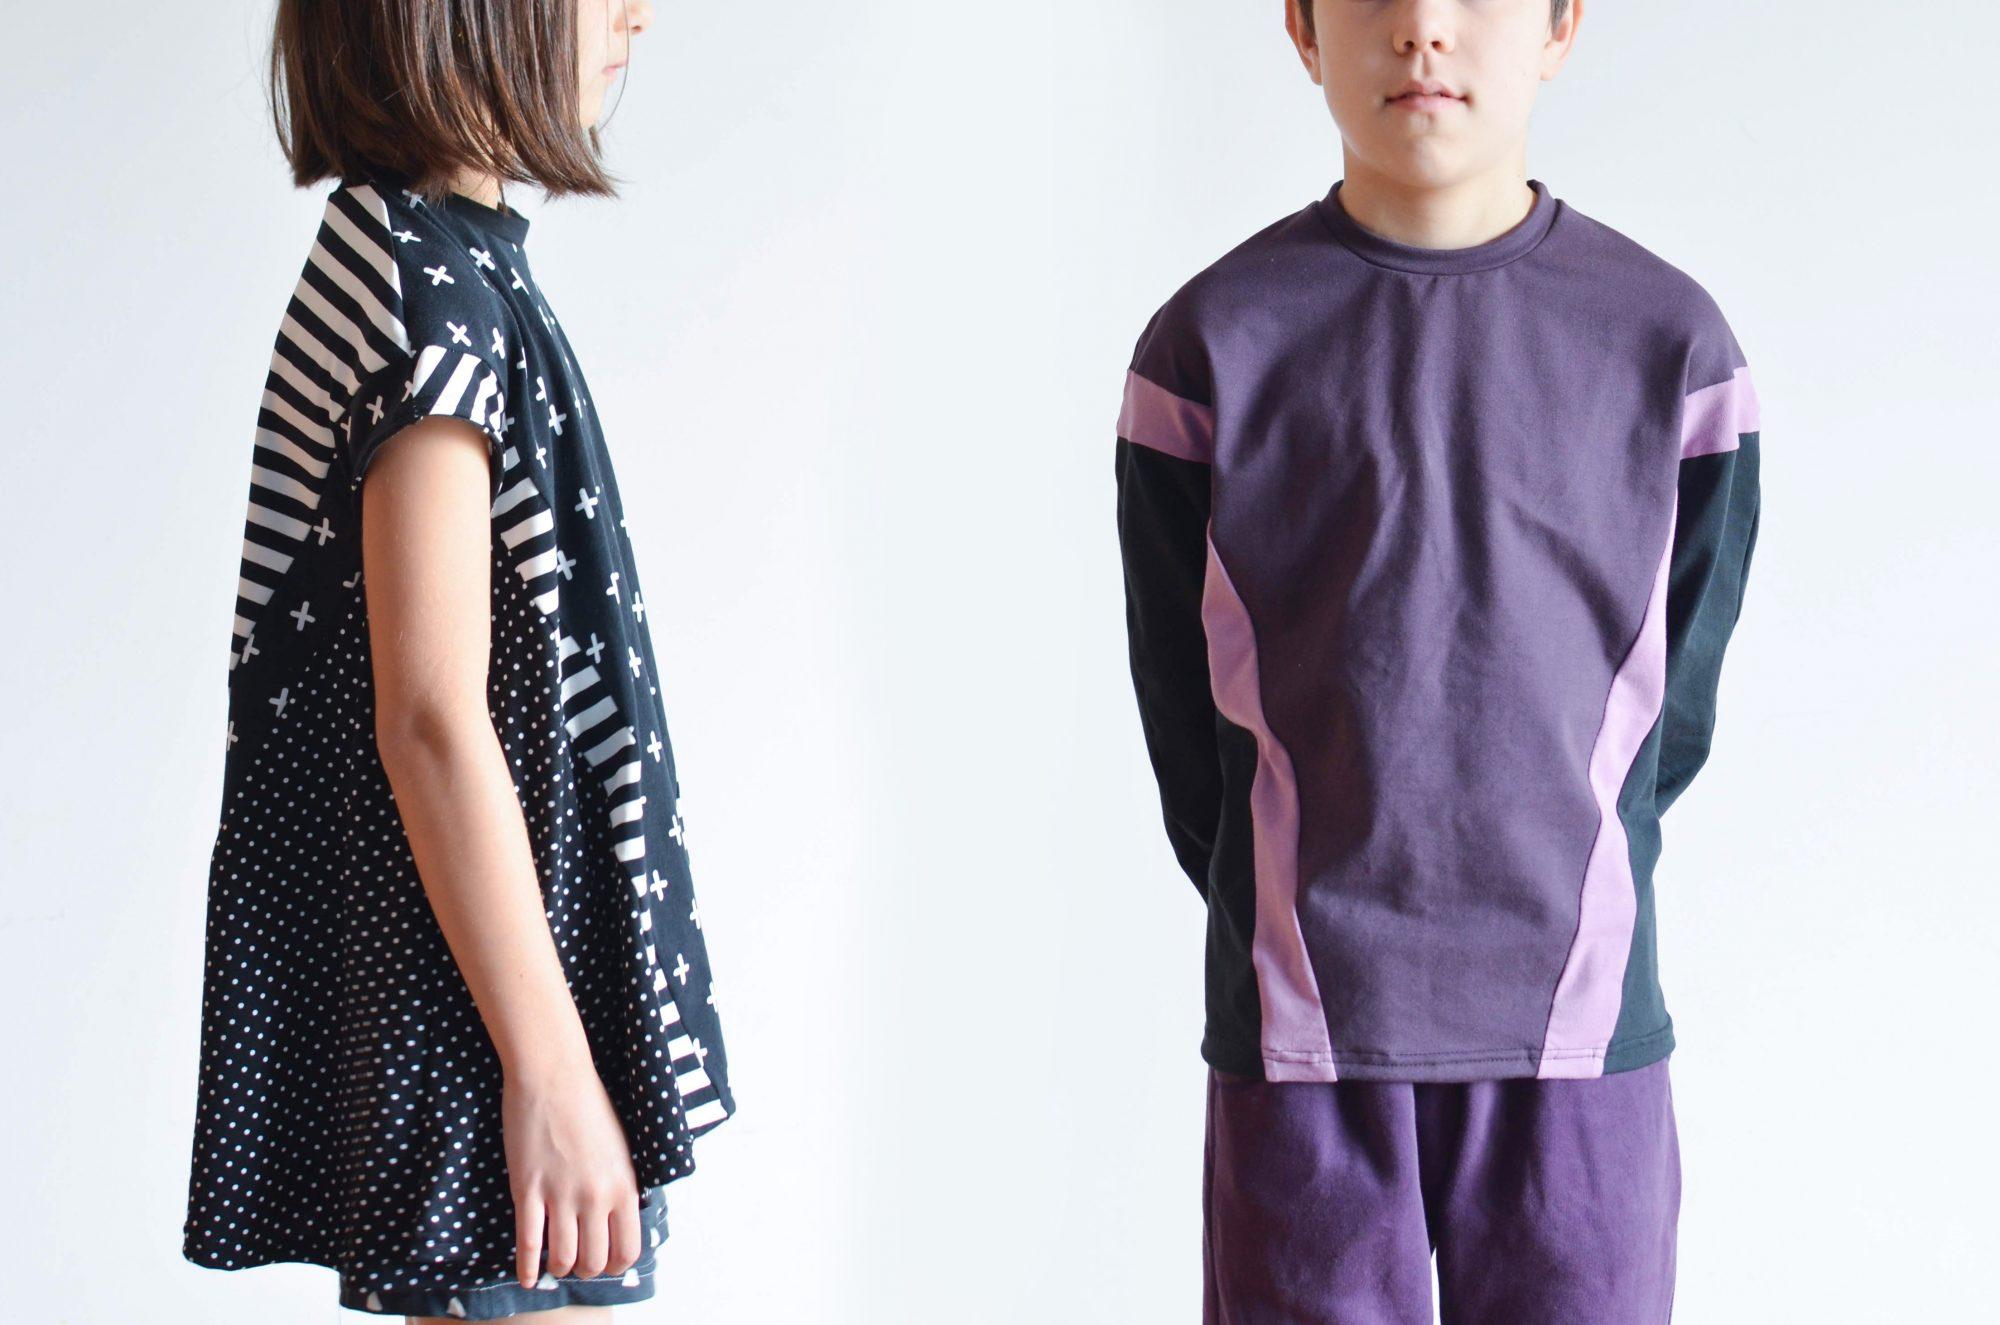 Camiseta Equis – Nuevo patrón